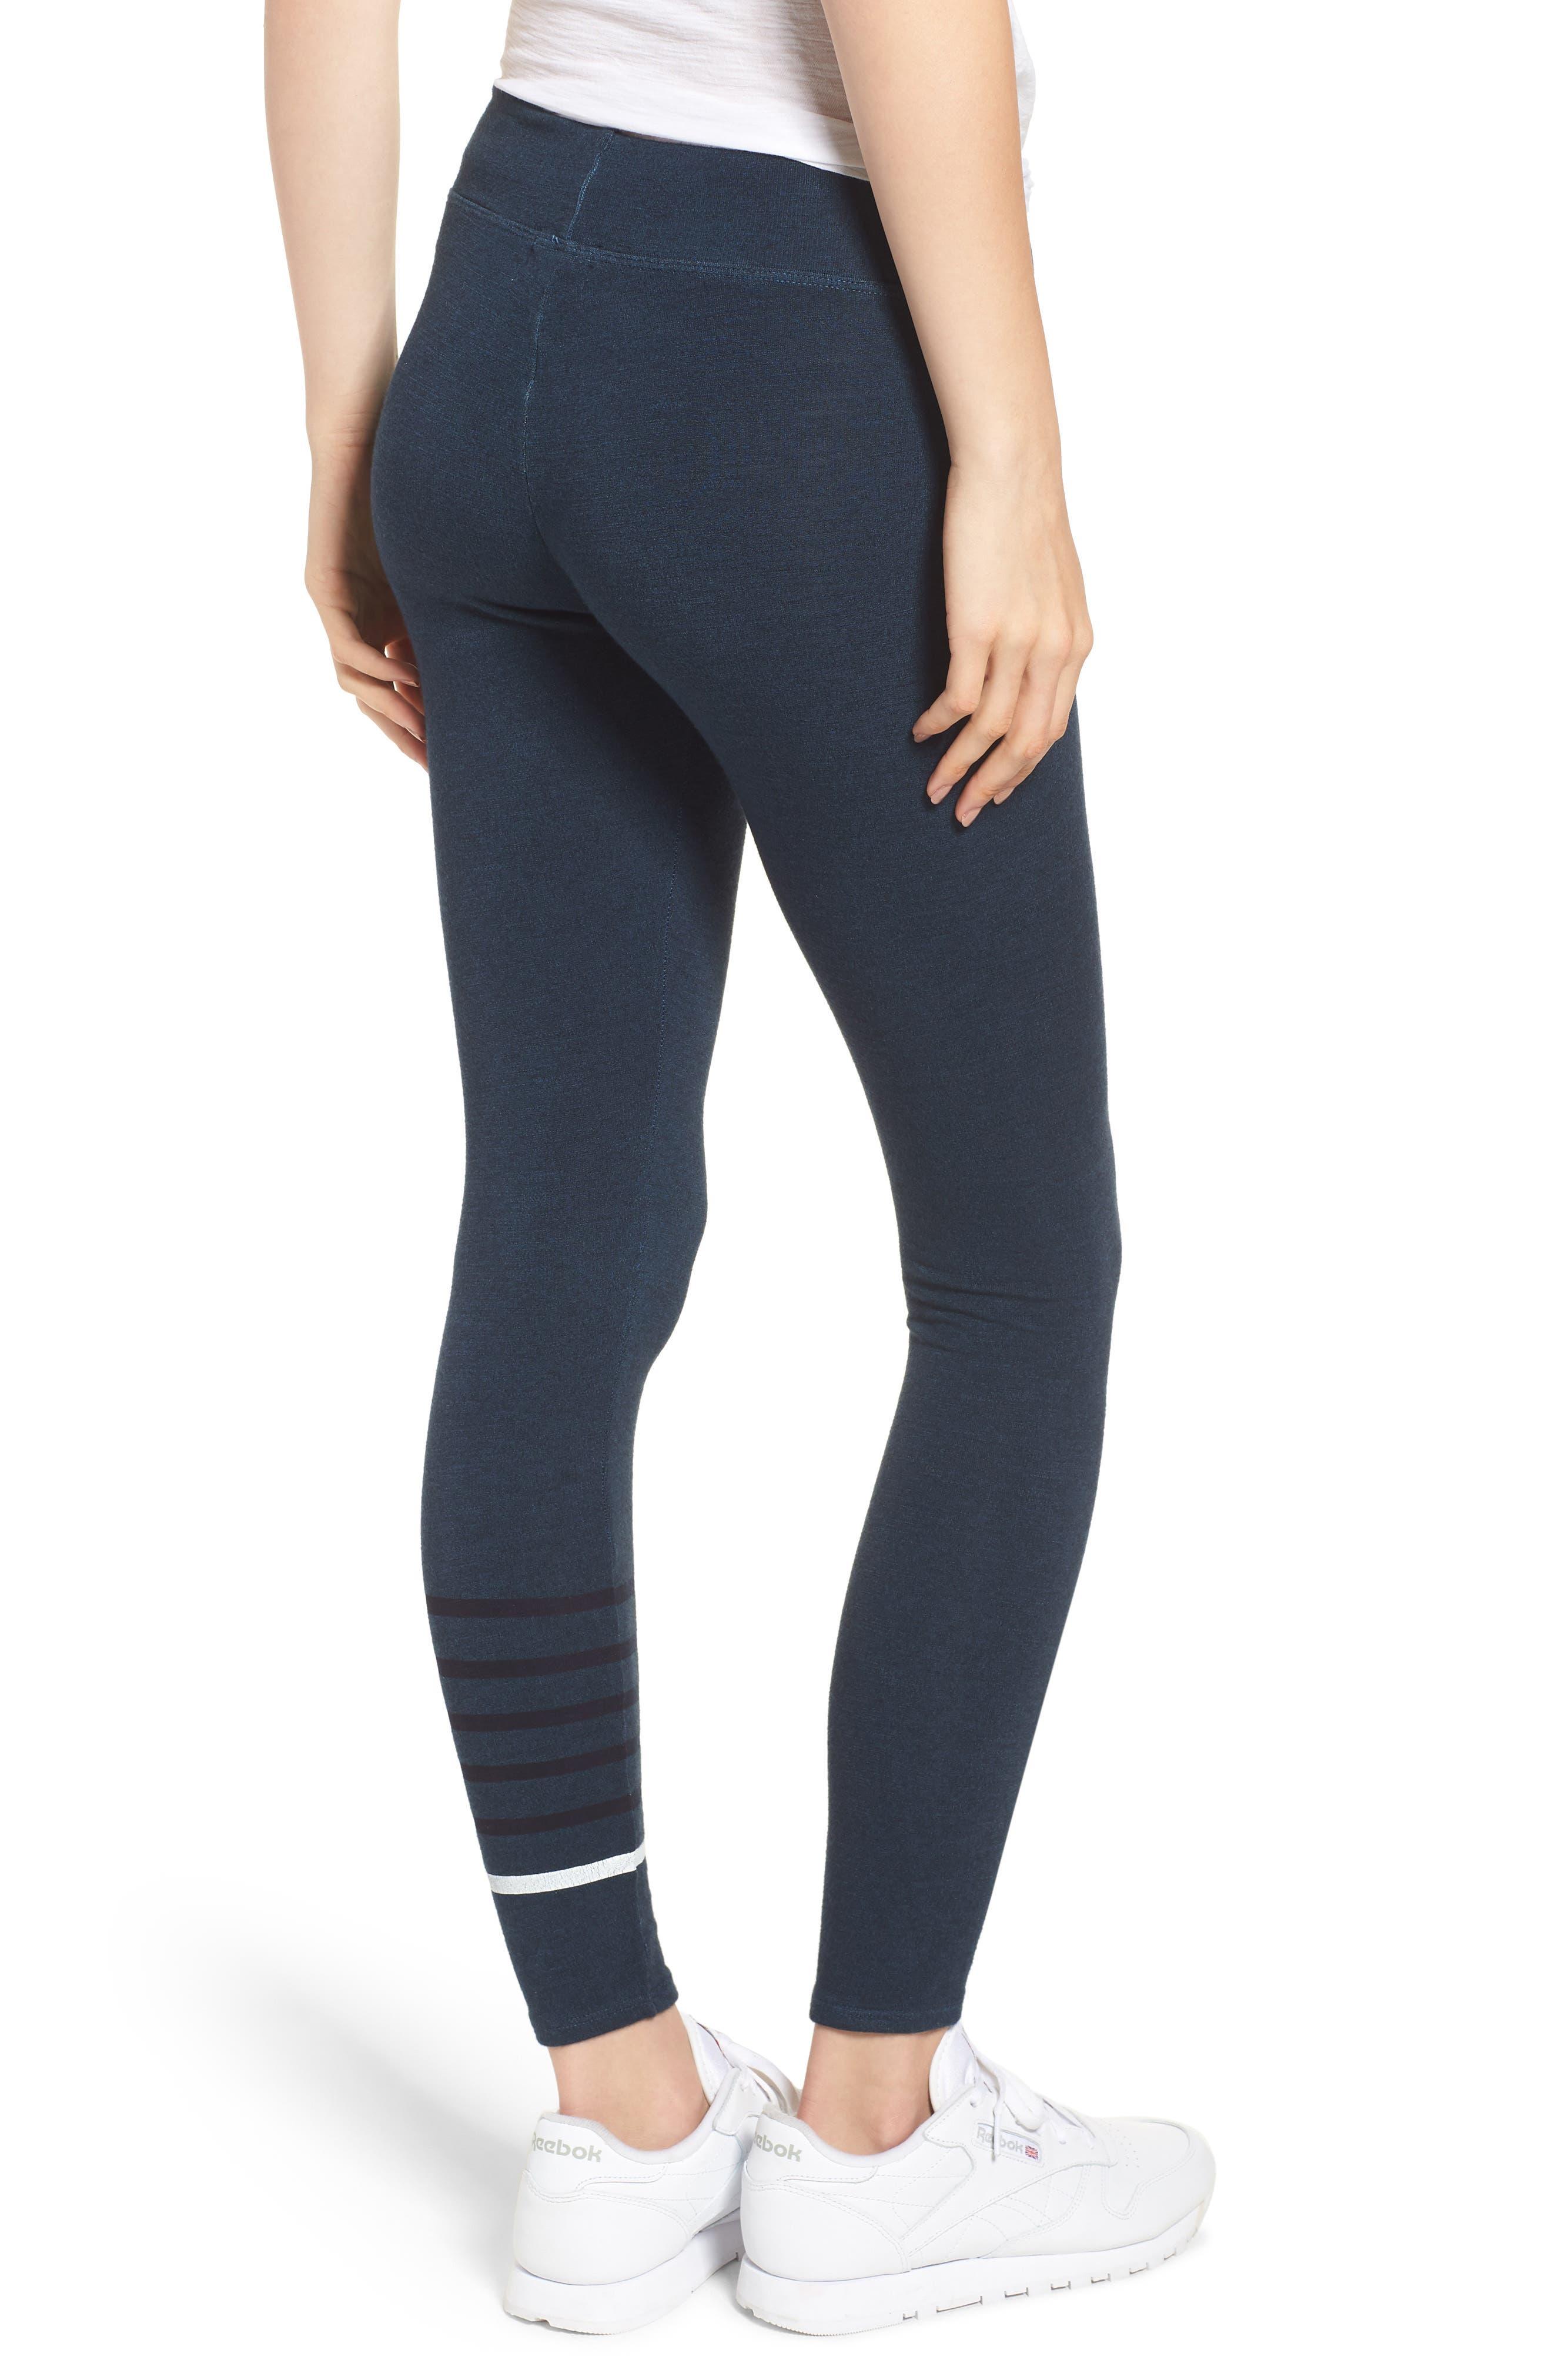 Stripe Yoga Pants,                             Alternate thumbnail 2, color,                             STORM